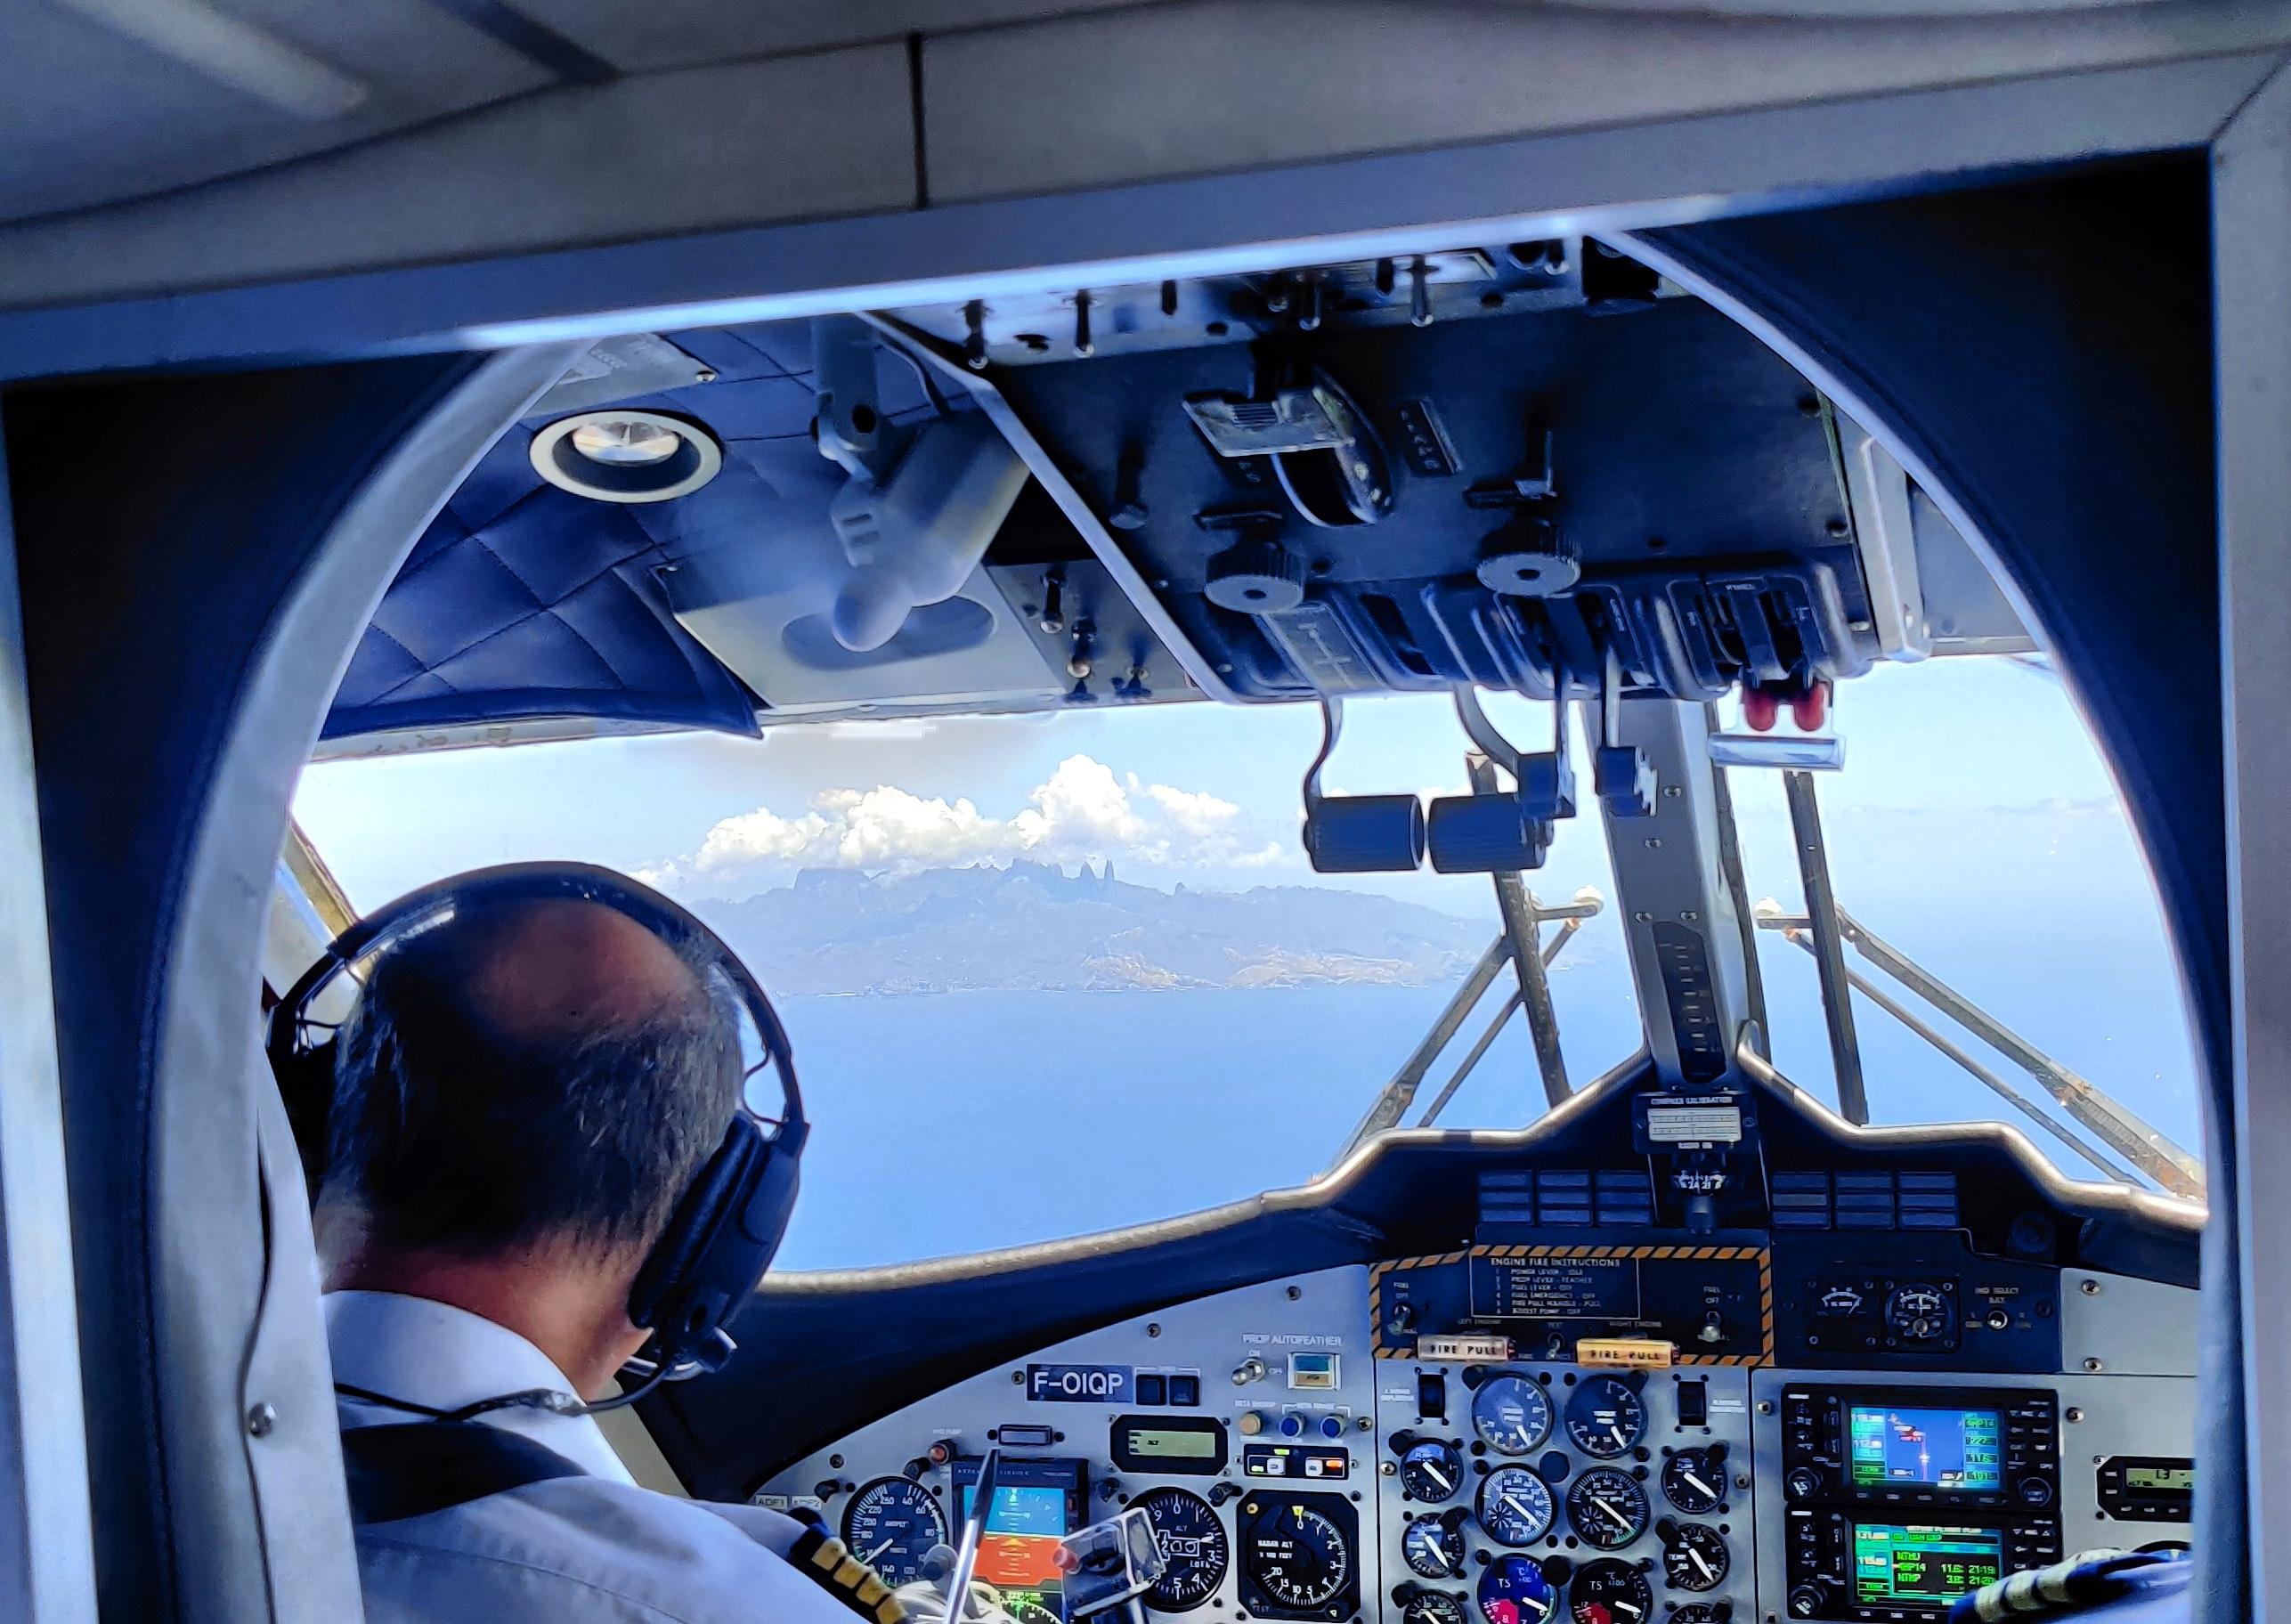 Toujours pas d'avion, mais bientôt des hélicoptères à Ua Pou